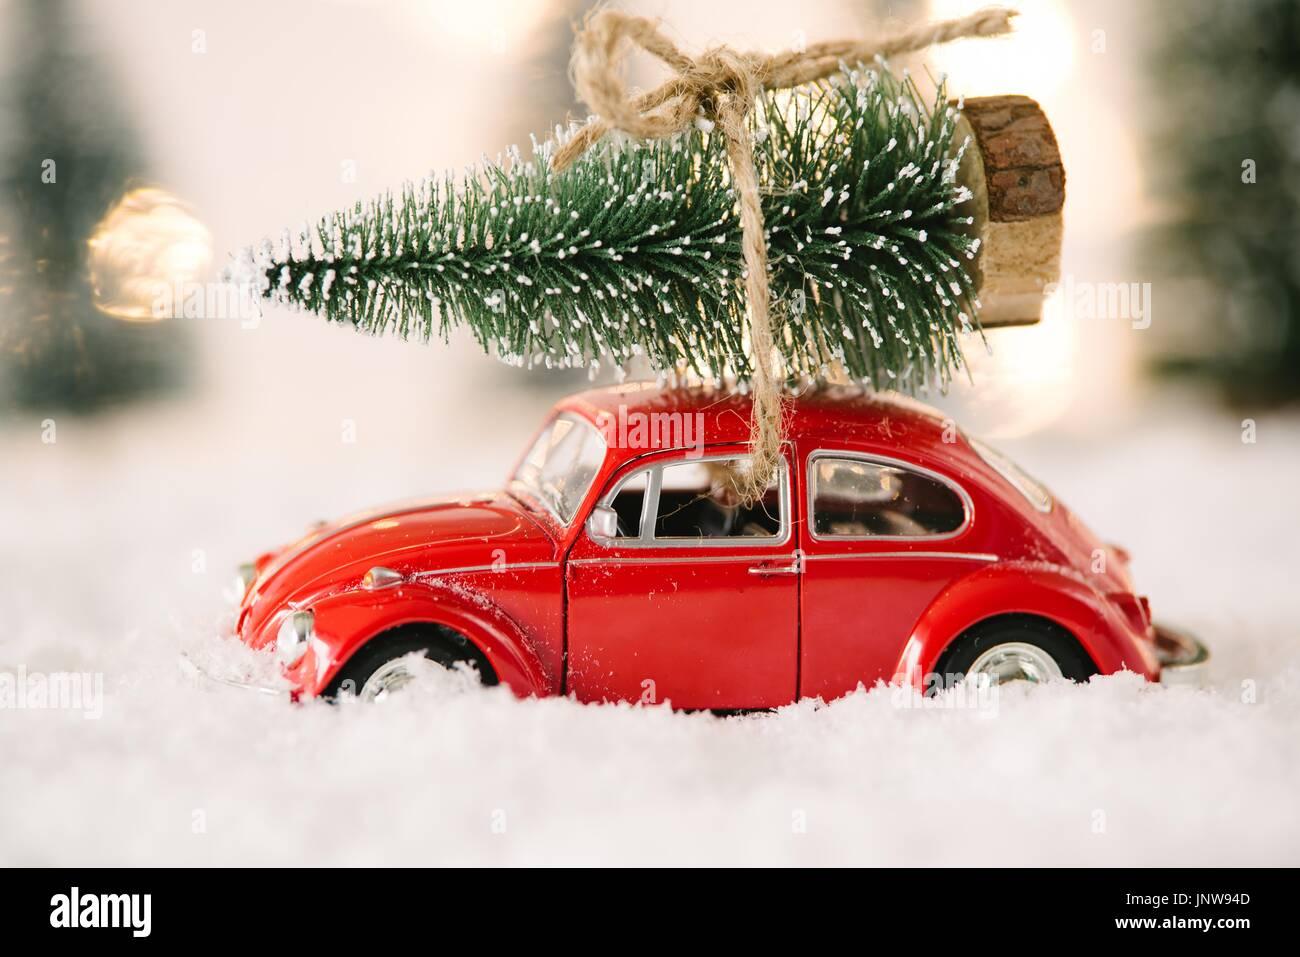 Auto Weihnachtsbaum.Kleines Rotes Auto Spielzeug Mit Weihnachtsbaum Im Schnee Bedeckt